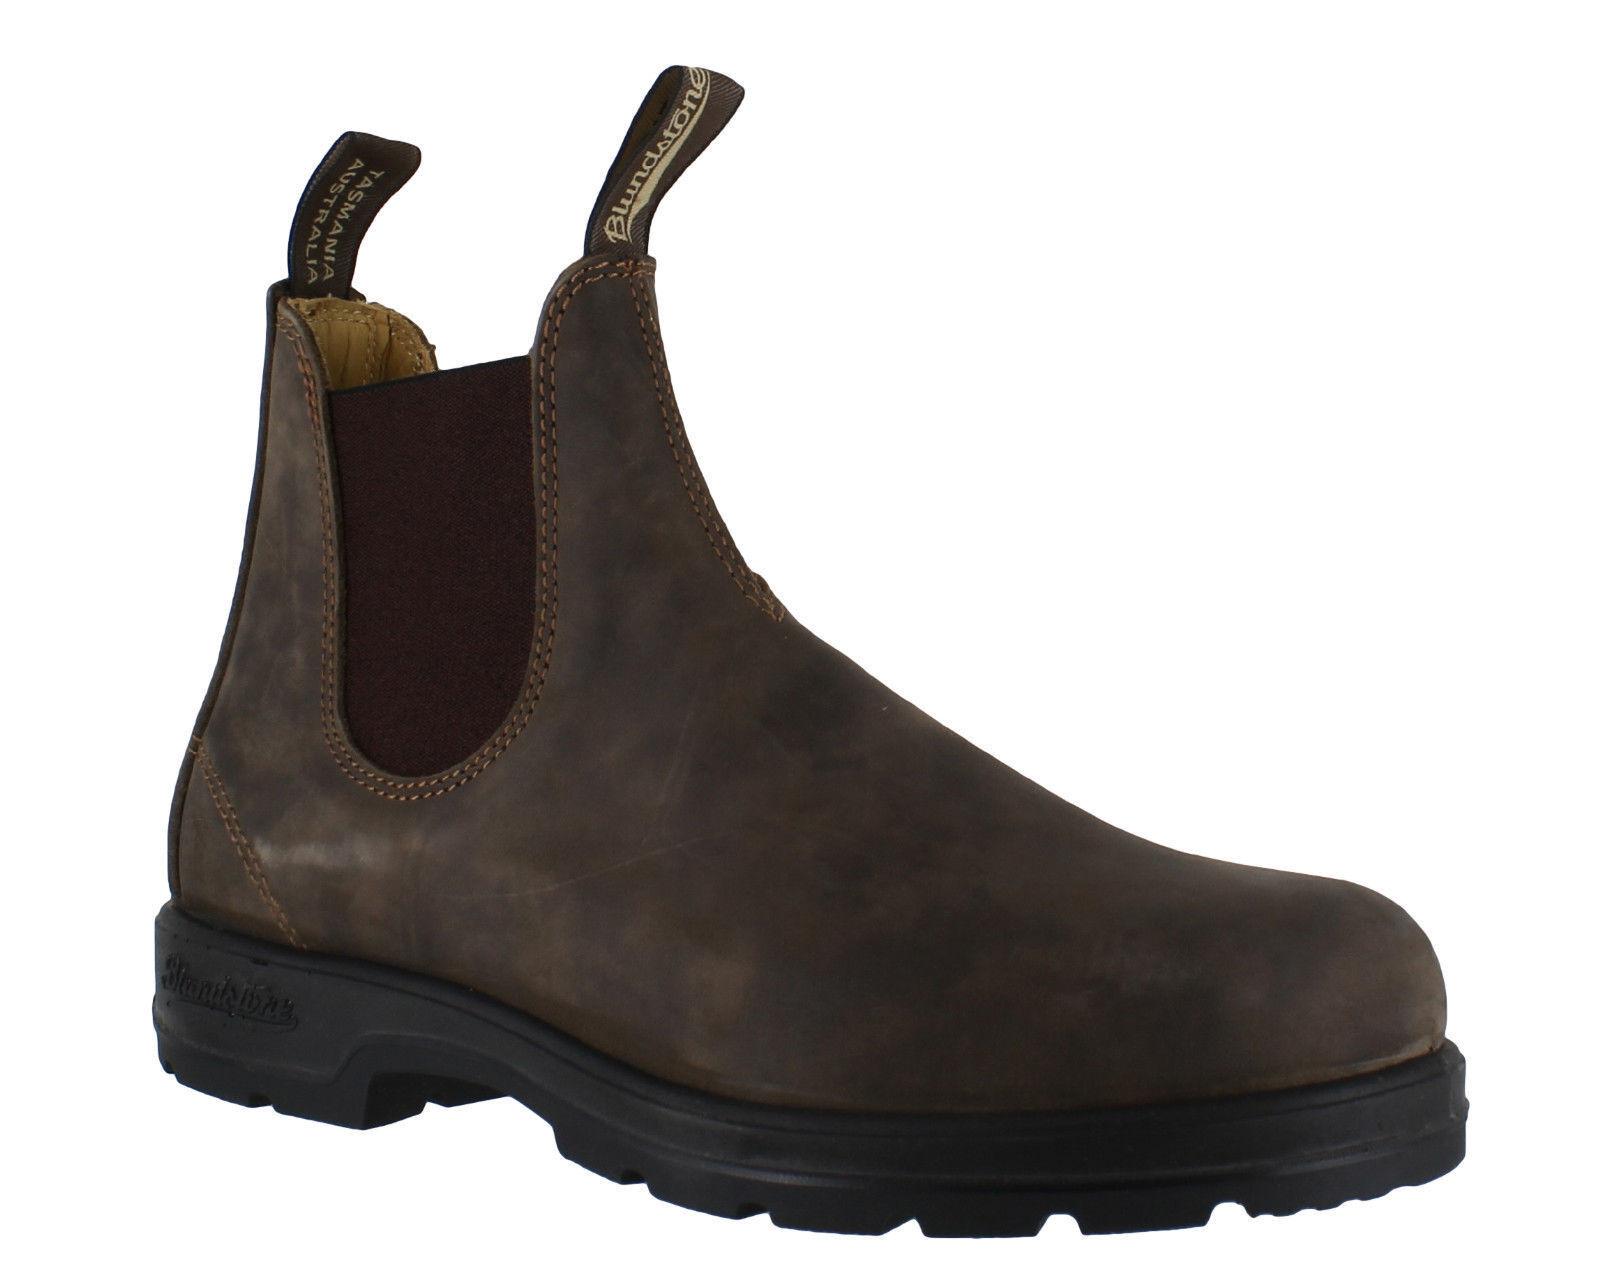 BLUNDSTONE 585 STIVALETTI PELLE botas MARRONE ELASTICI STIVALI Zapatos botas PELLE DA 36 A 46 4232f4